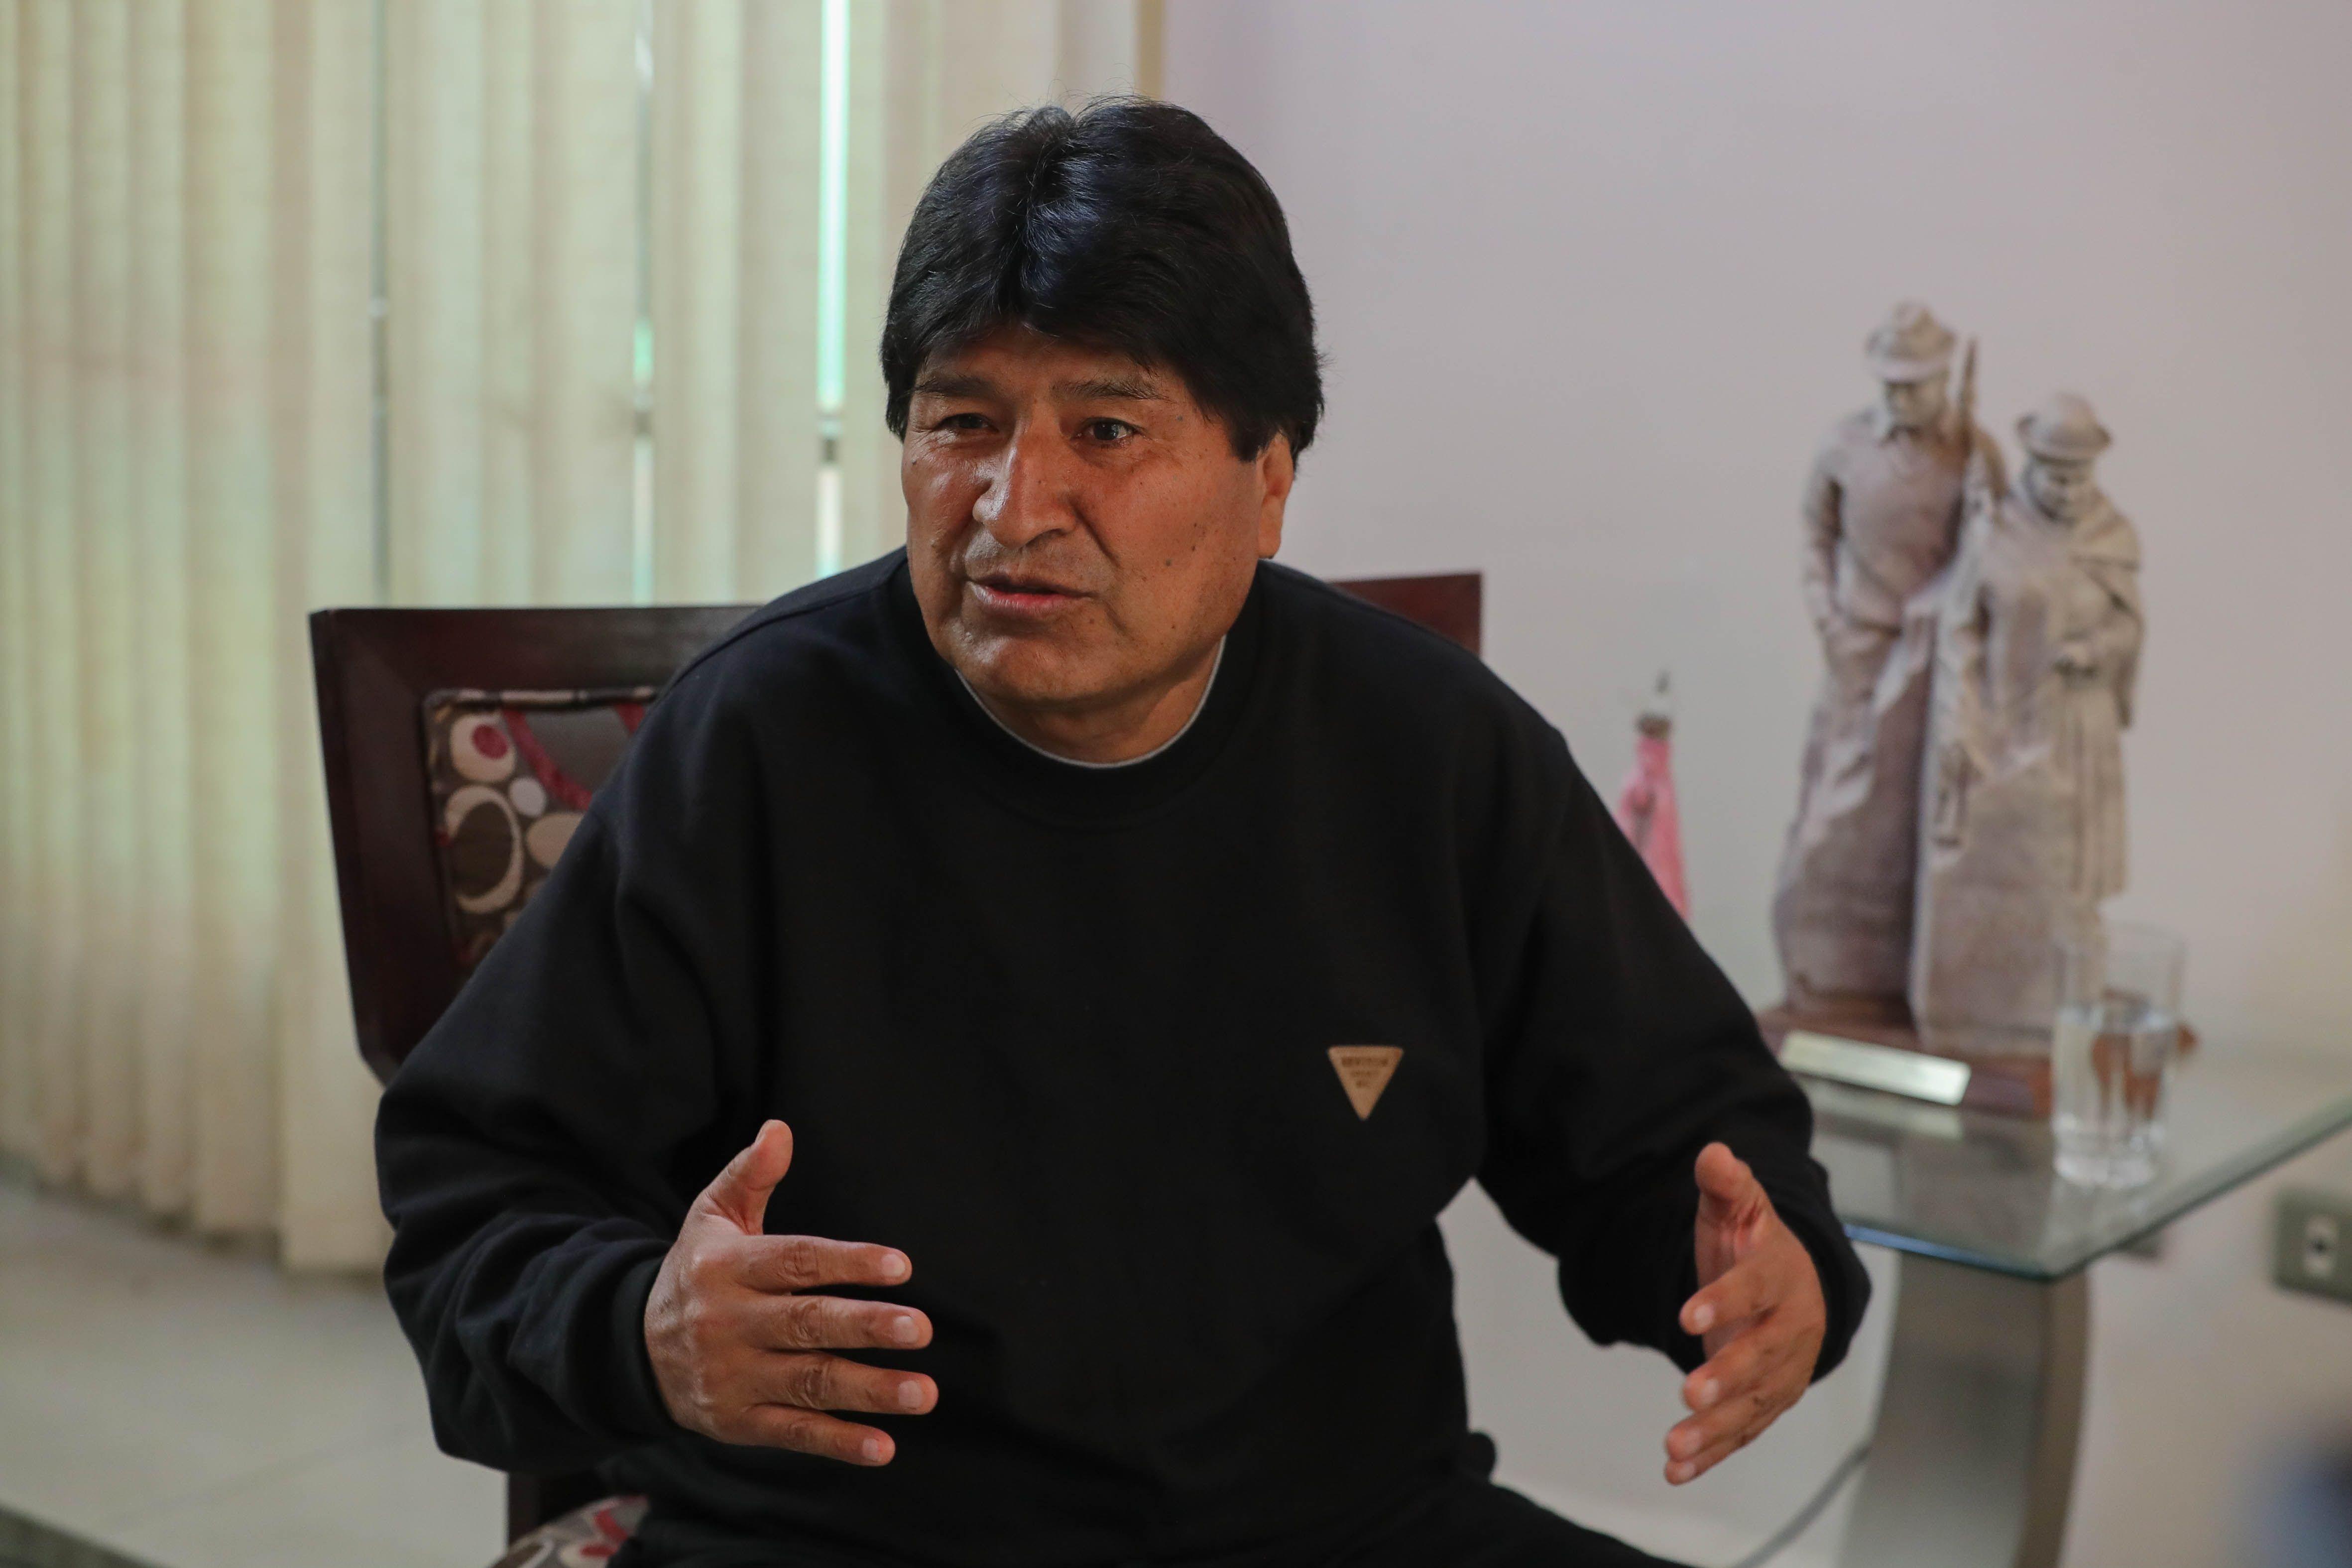 El ex presidente de Bolivia, Evo Morales, acusa a la OEA de golpe de Estado (EFE/Martín Alipaz)